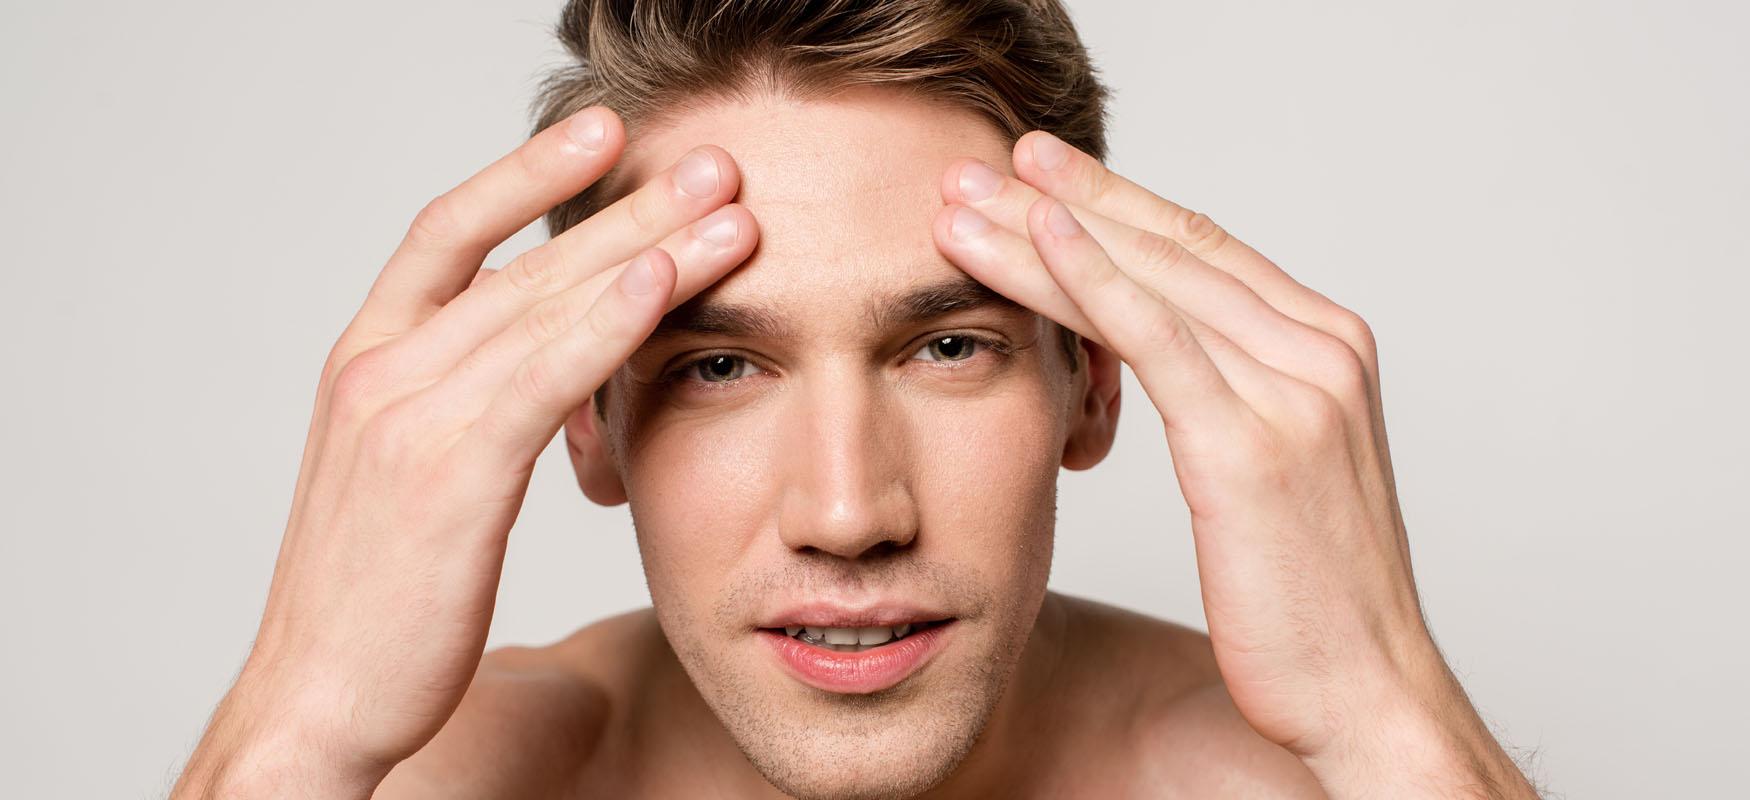 TOP4 zabiegi medycyny estetycznej dla mężczyzn